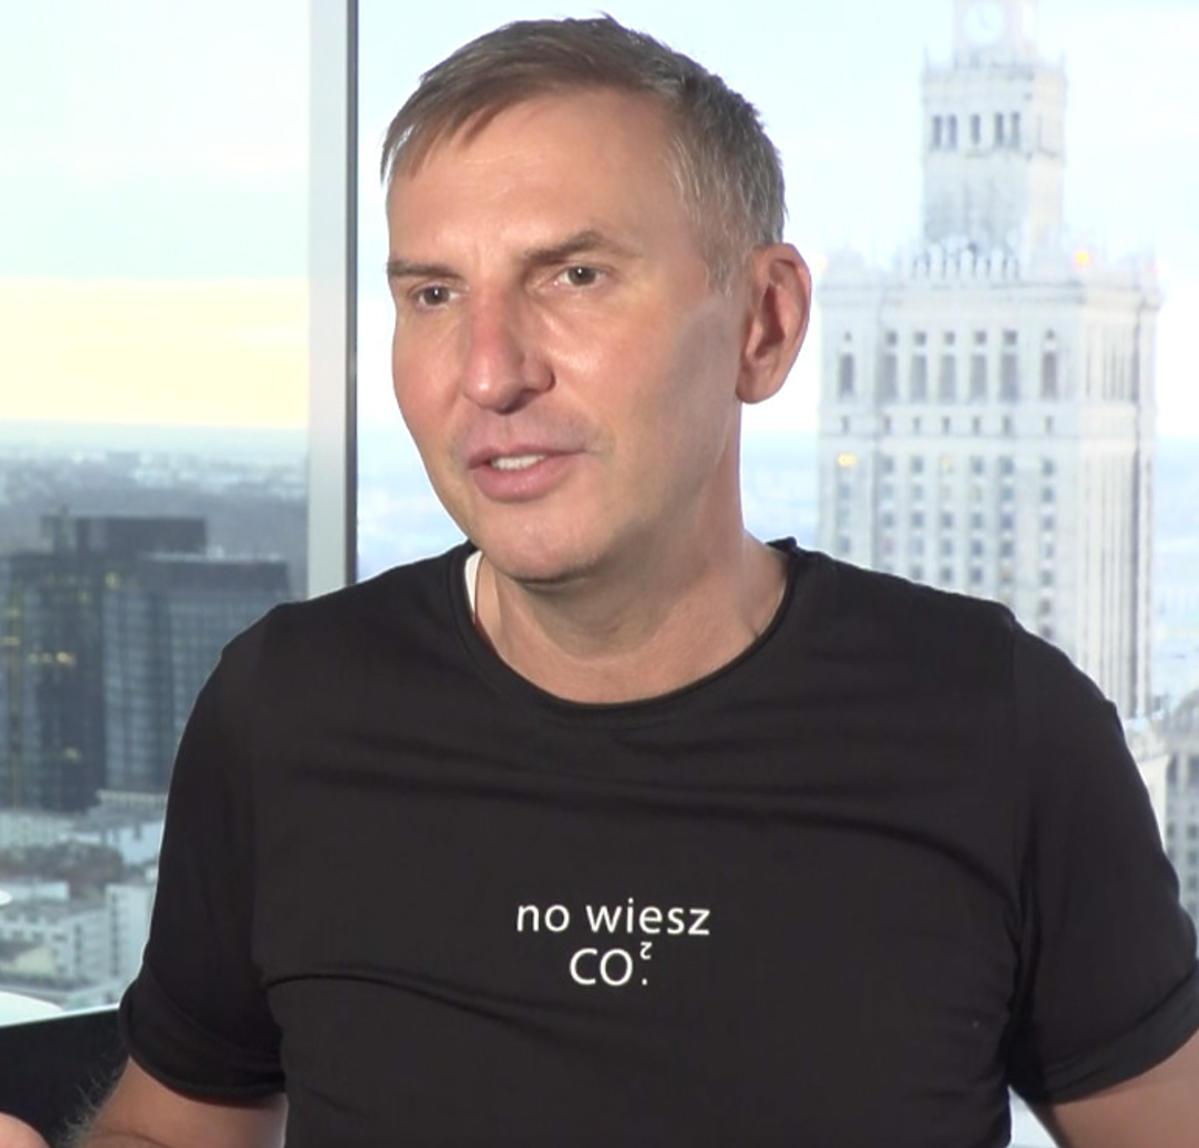 Krzysztof Gojdź w czarnej koszulce